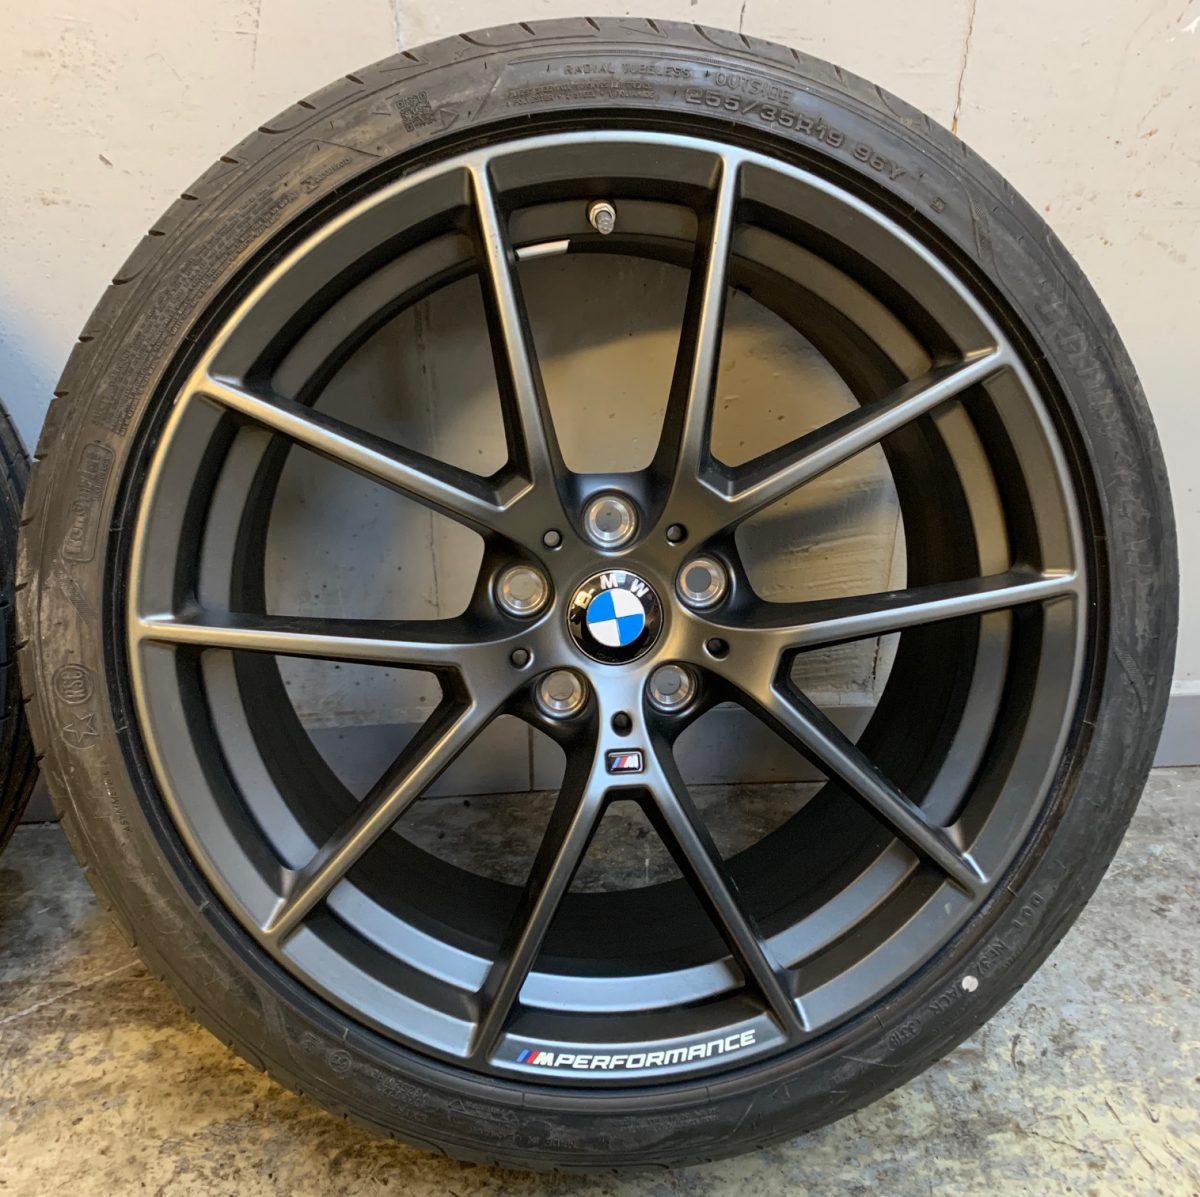 Gyári alufelni BMW 3 G20 (898M Performance) 8X19 8,5x19 új nyári garnitúra! Goodyear gumikkal,nyomásszenzorral 2